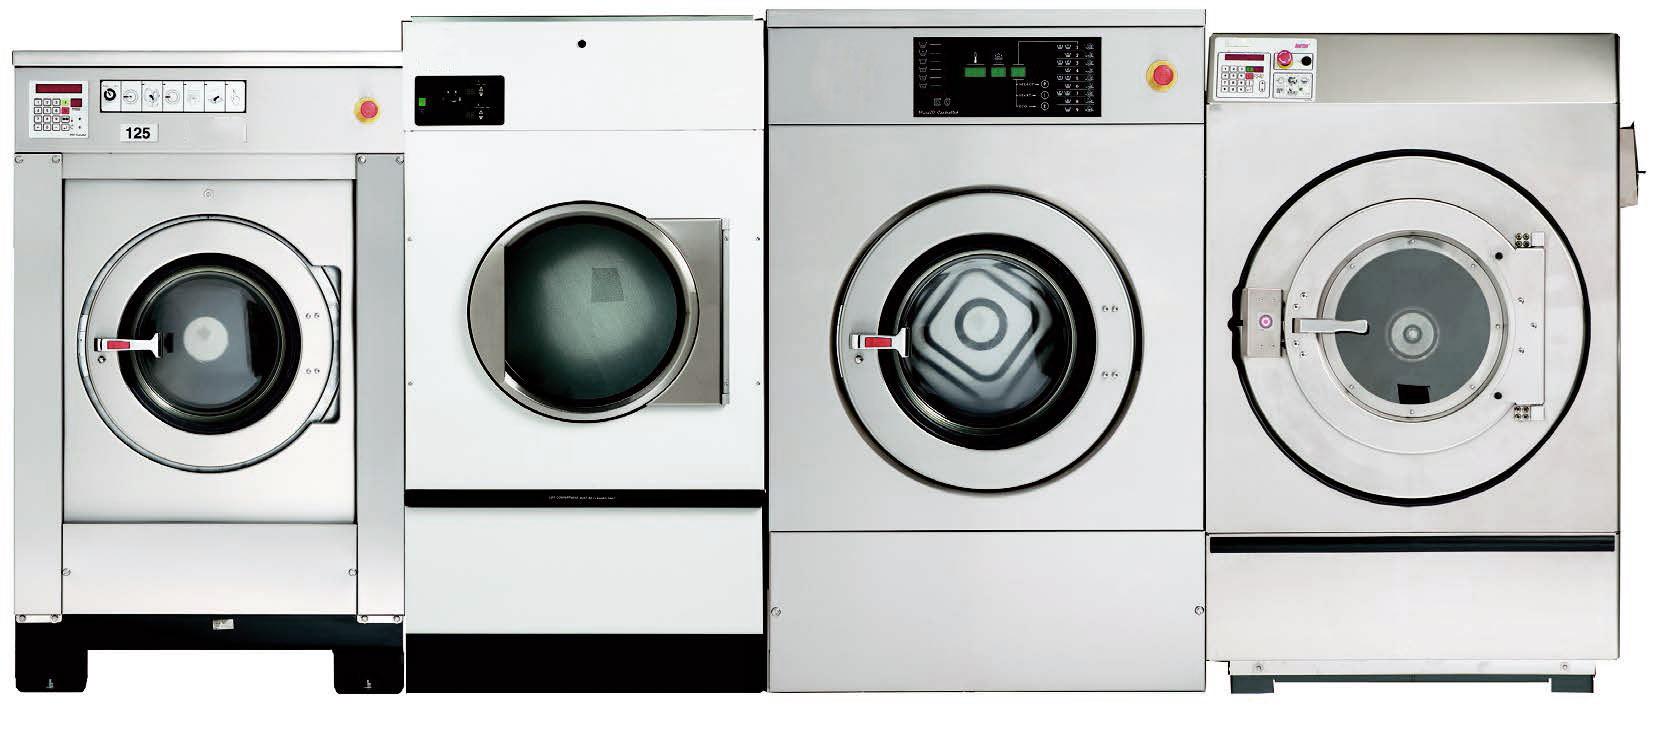 Chuyên cung cấp các loại máy giặt công nghiệp chính hãng tại TPHCM